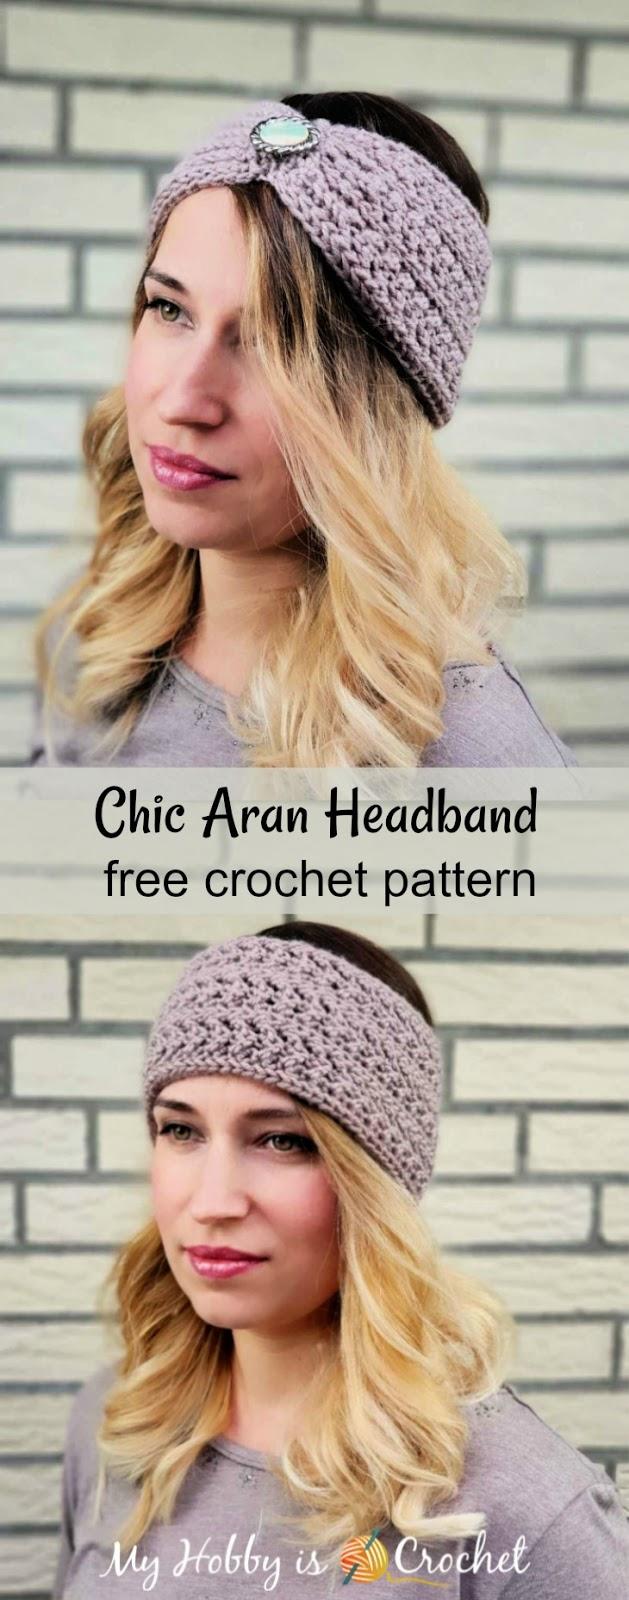 Chic Aran Headband / Earwarmer - Free Crochet Pattern